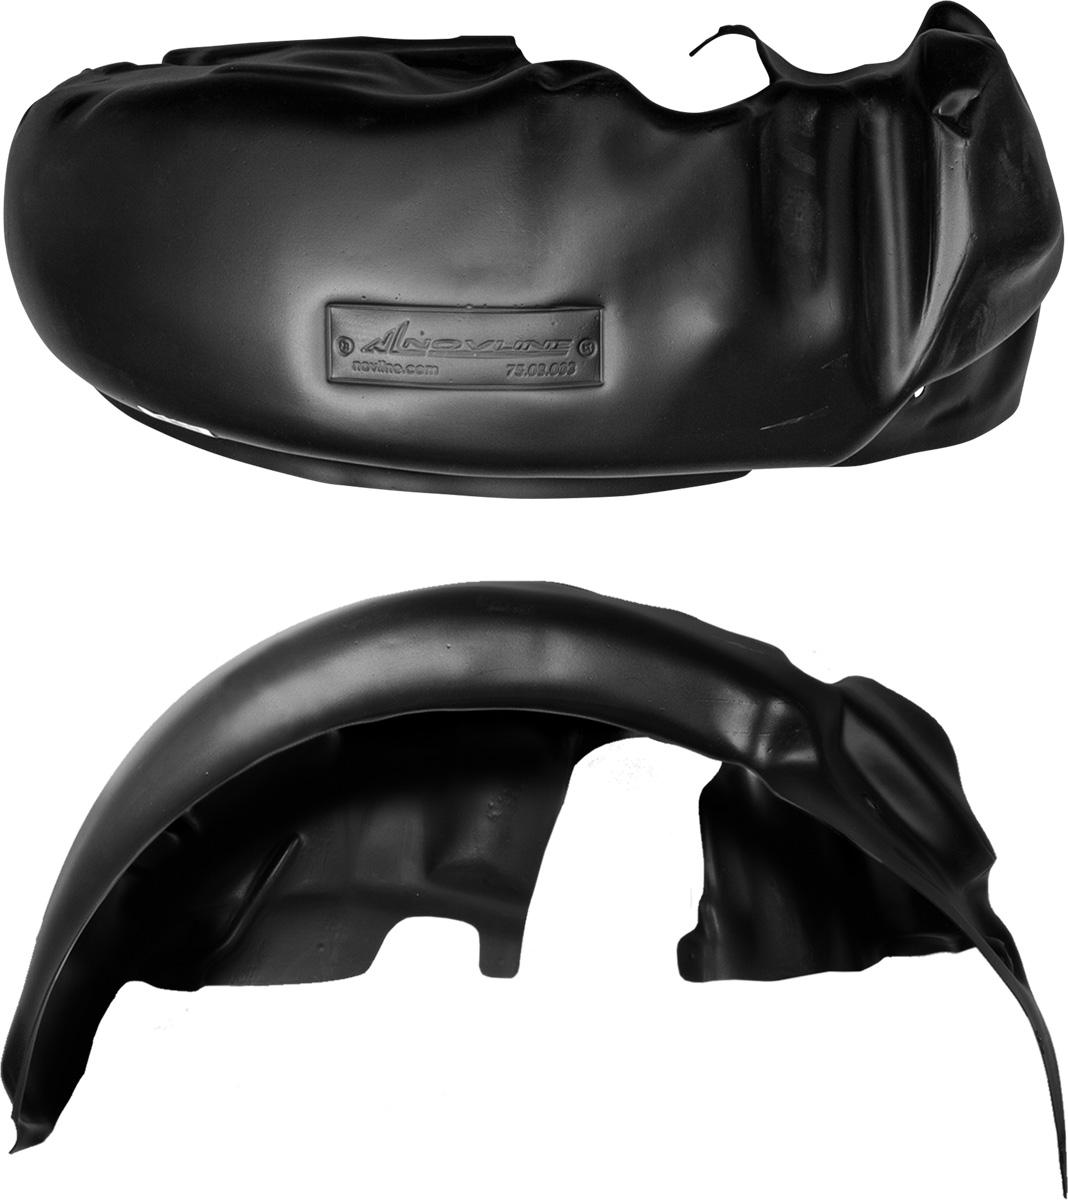 Подкрылок Novline-Autofamily, для Daewoo Gentra, 2013->, задний левыйNLL.11.10.003Колесные ниши – одни из самых уязвимых зон днища вашего автомобиля. Они постоянно подвергаются воздействию со стороны дороги. Лучшая, почти абсолютная защита для них - специально отформованные пластиковые кожухи, которые называются подкрылками, или локерами. Производятся они как для отечественных моделей автомобилей, так и для иномарок. Подкрылки выполнены из высококачественного, экологически чистого пластика. Обеспечивают надежную защиту кузова автомобиля от пескоструйного эффекта и негативного влияния, агрессивных антигололедных реагентов. Пластик обладает более низкой теплопроводностью, чем металл, поэтому в зимний период эксплуатации использование пластиковых подкрылков позволяет лучше защитить колесные ниши от налипания снега и образования наледи. Оригинальность конструкции подчеркивает элегантность автомобиля, бережно защищает нанесенное на днище кузова антикоррозийное покрытие и позволяет осуществить крепление подкрылков внутри колесной арки практически без дополнительного крепежа и сверления, не нарушая при этом лакокрасочного покрытия, что предотвращает возникновение новых очагов коррозии. Технология крепления подкрылков на иномарки принципиально отличается от крепления на российские автомобили и разрабатывается индивидуально для каждой модели автомобиля. Подкрылки долговечны, обладают высокой прочностью и сохраняют заданную форму, а также все свои физико-механические характеристики в самых тяжелых климатических условиях (от -50° С до + 50° С).